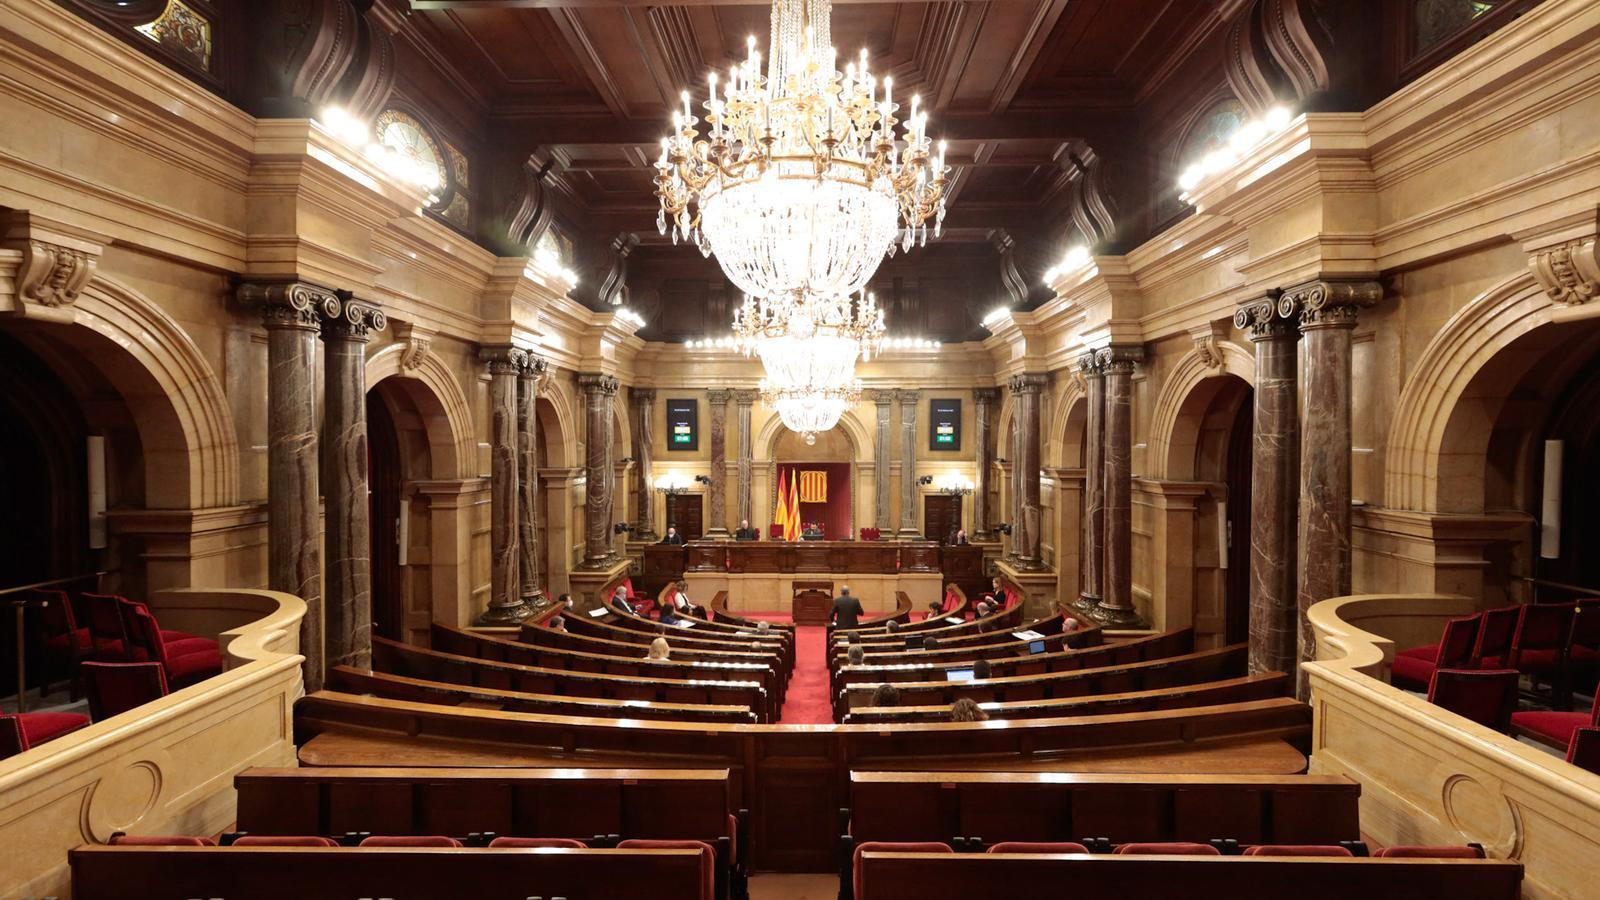 EN DIRECTE | El vicepresident Aragonès i la portaveu Budó compareixen davant la Diputació Permanent del Parlament per informar sobre les últimes mesures preses per contenir la covid-19